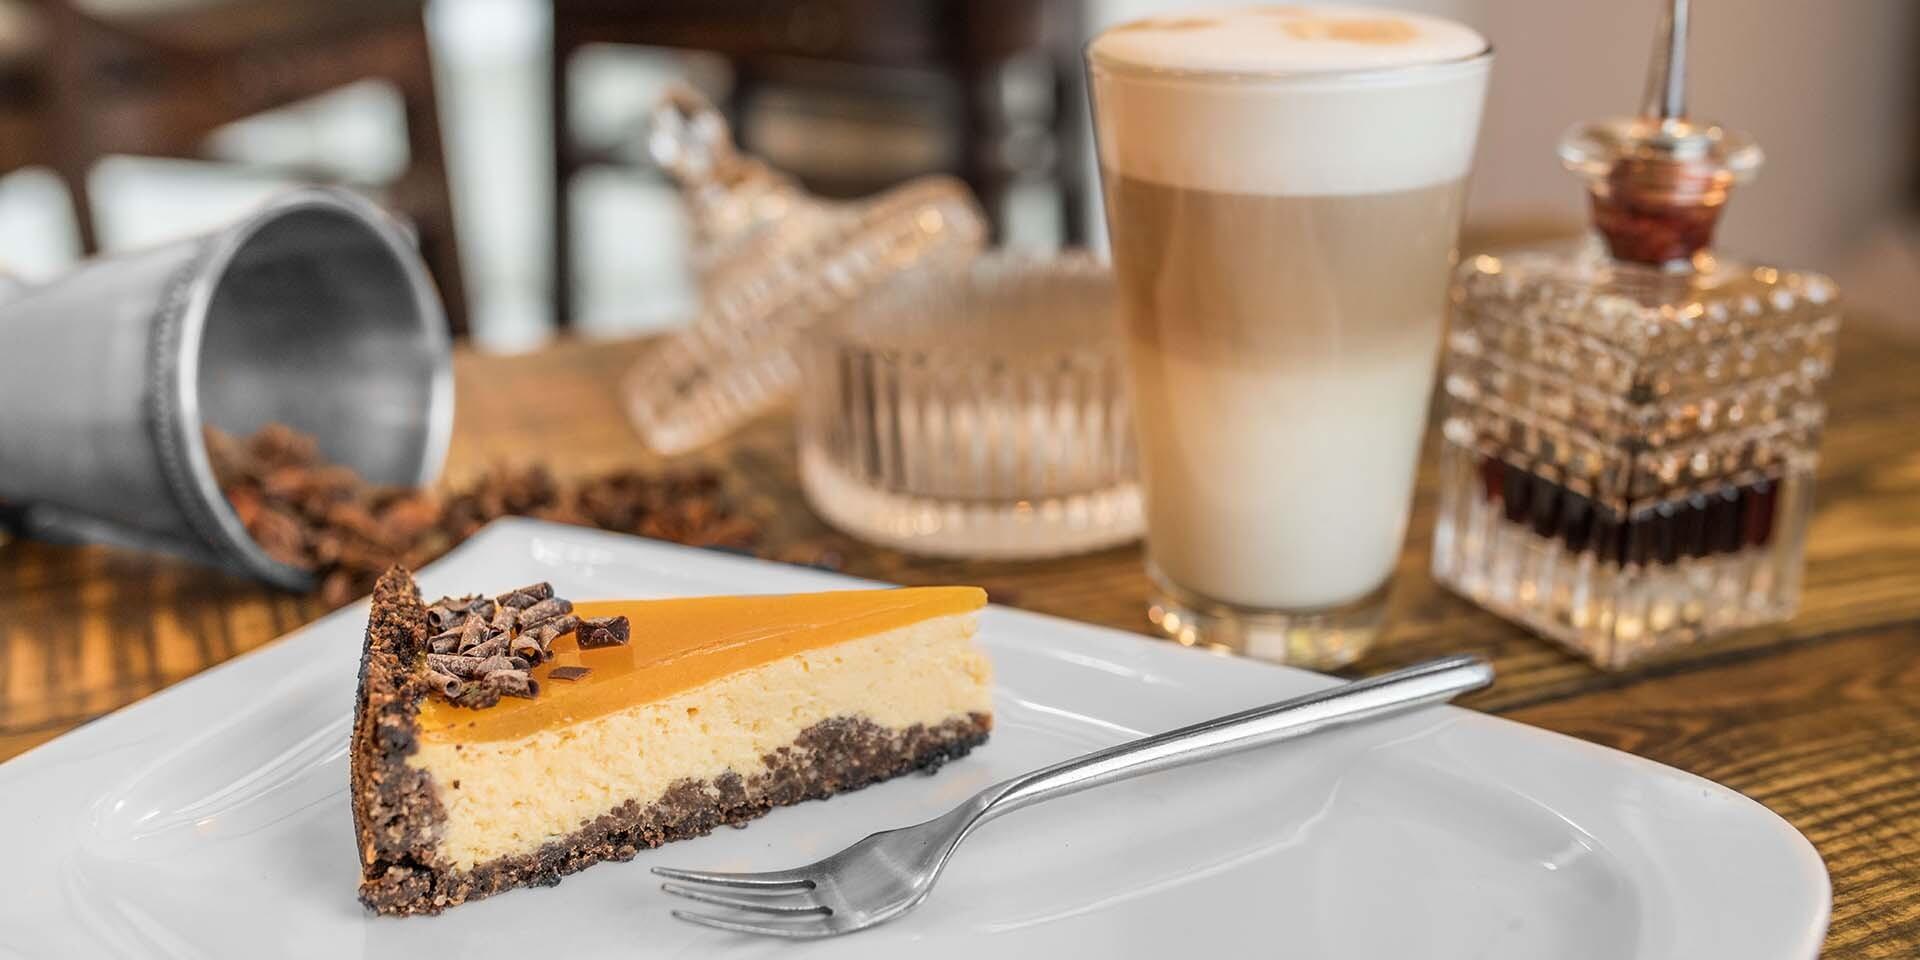 Cheesecake s kávičkou v útulnej reštaurácii Le Papillon v centre mesta